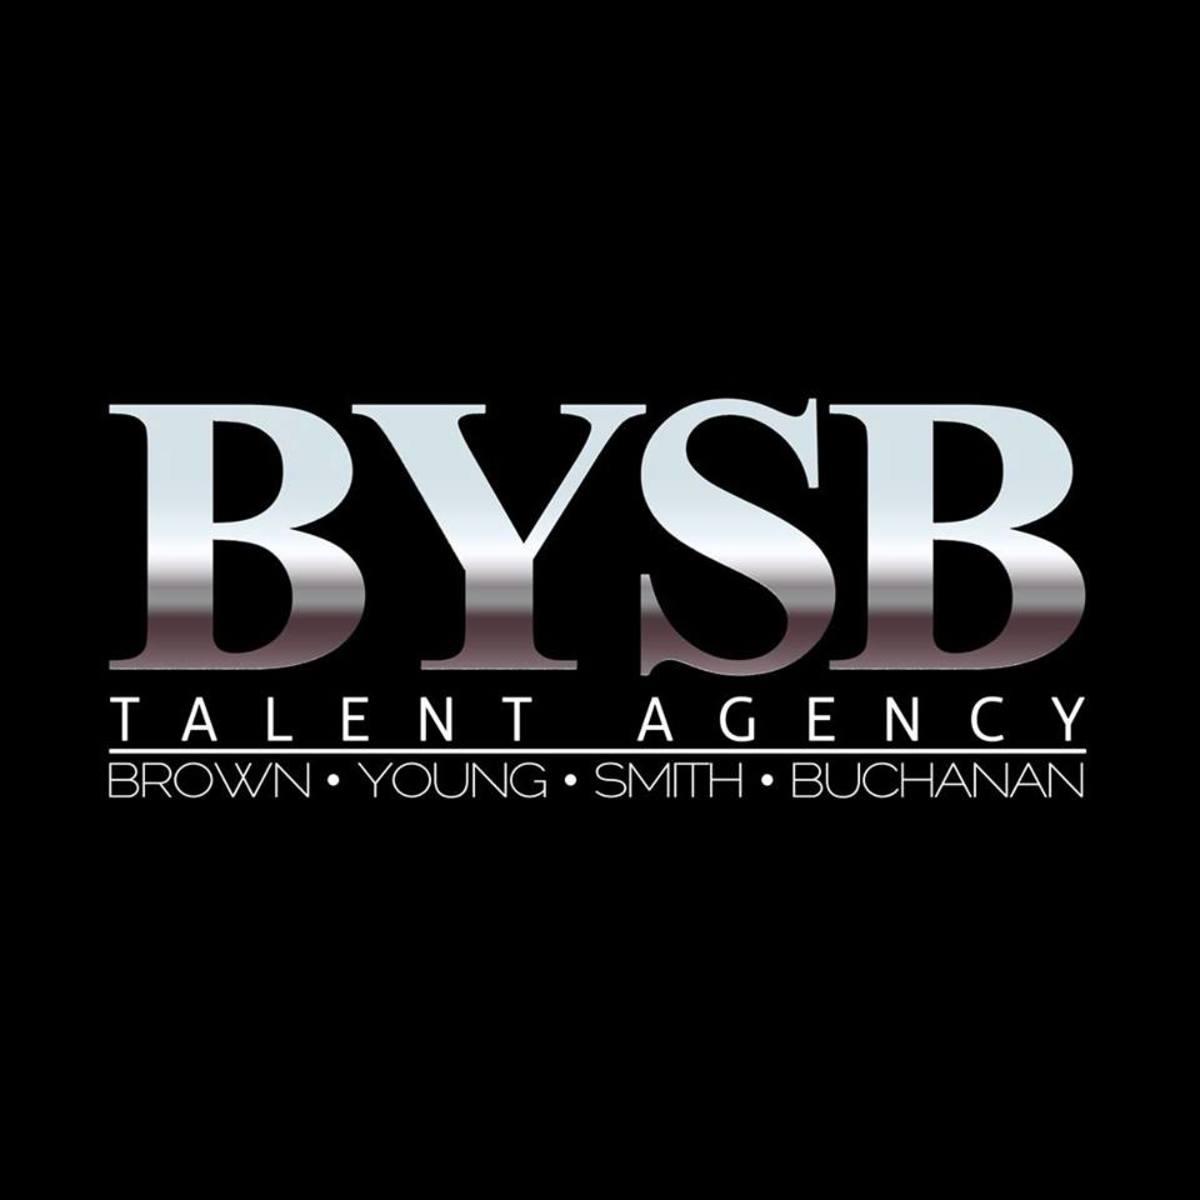 B.Y.S.B. Talent Agency